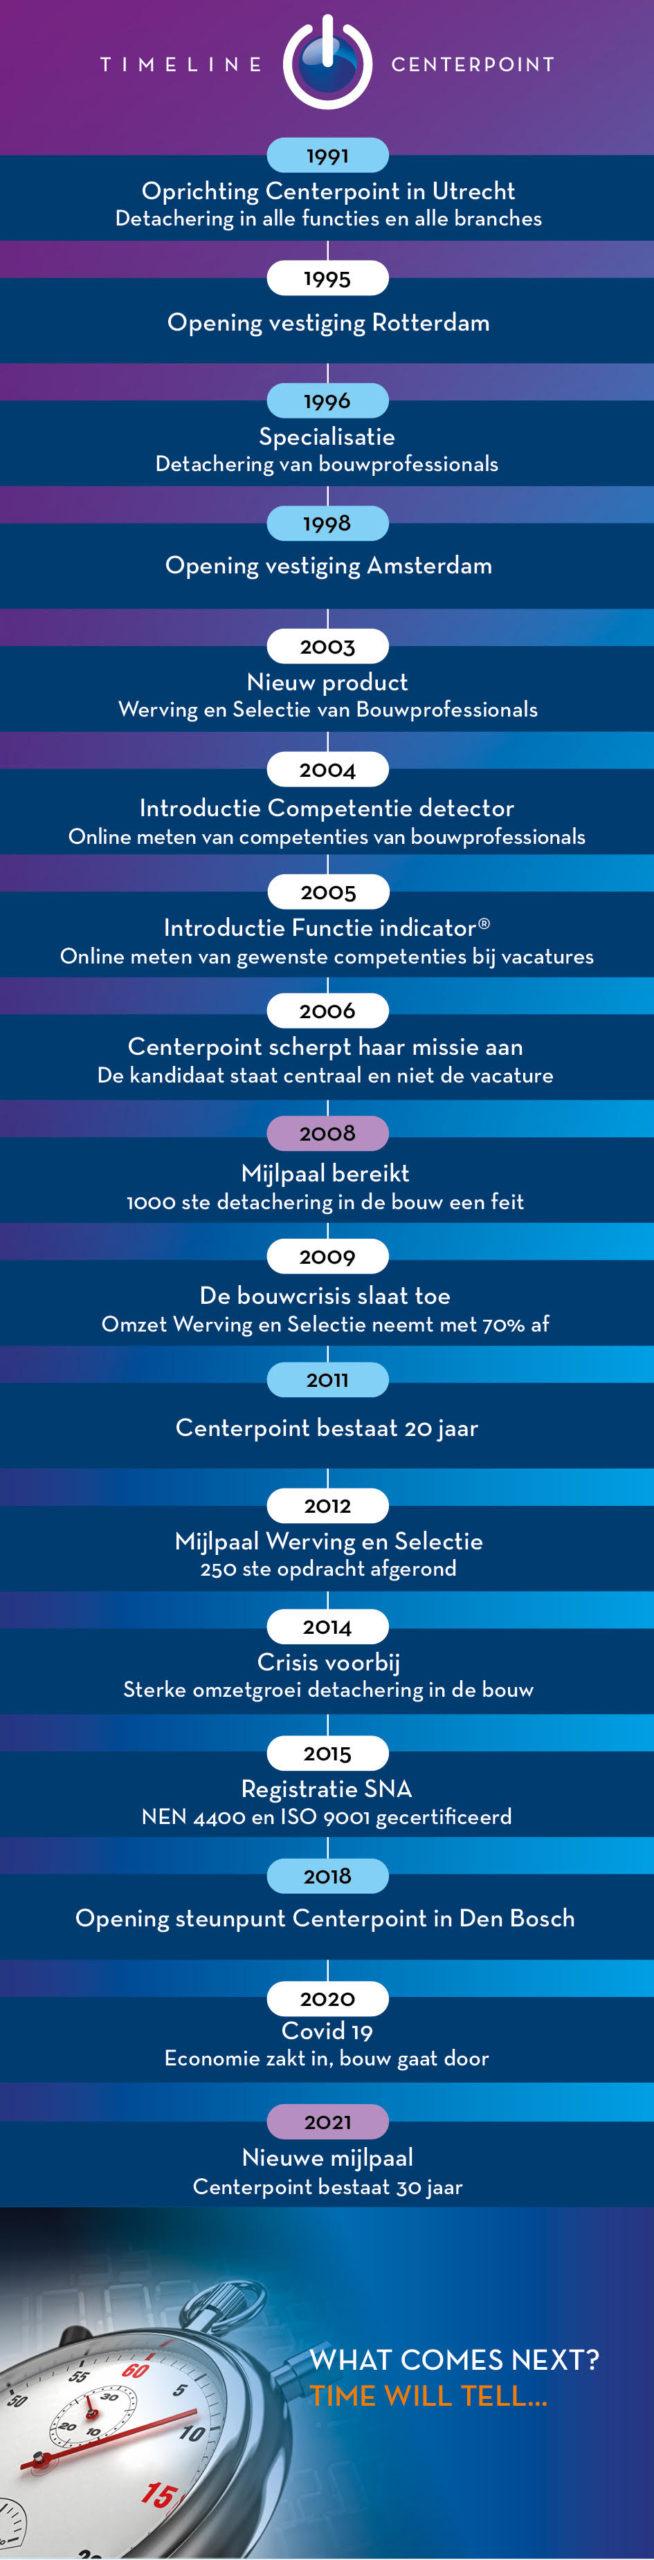 centerpoint-timeline